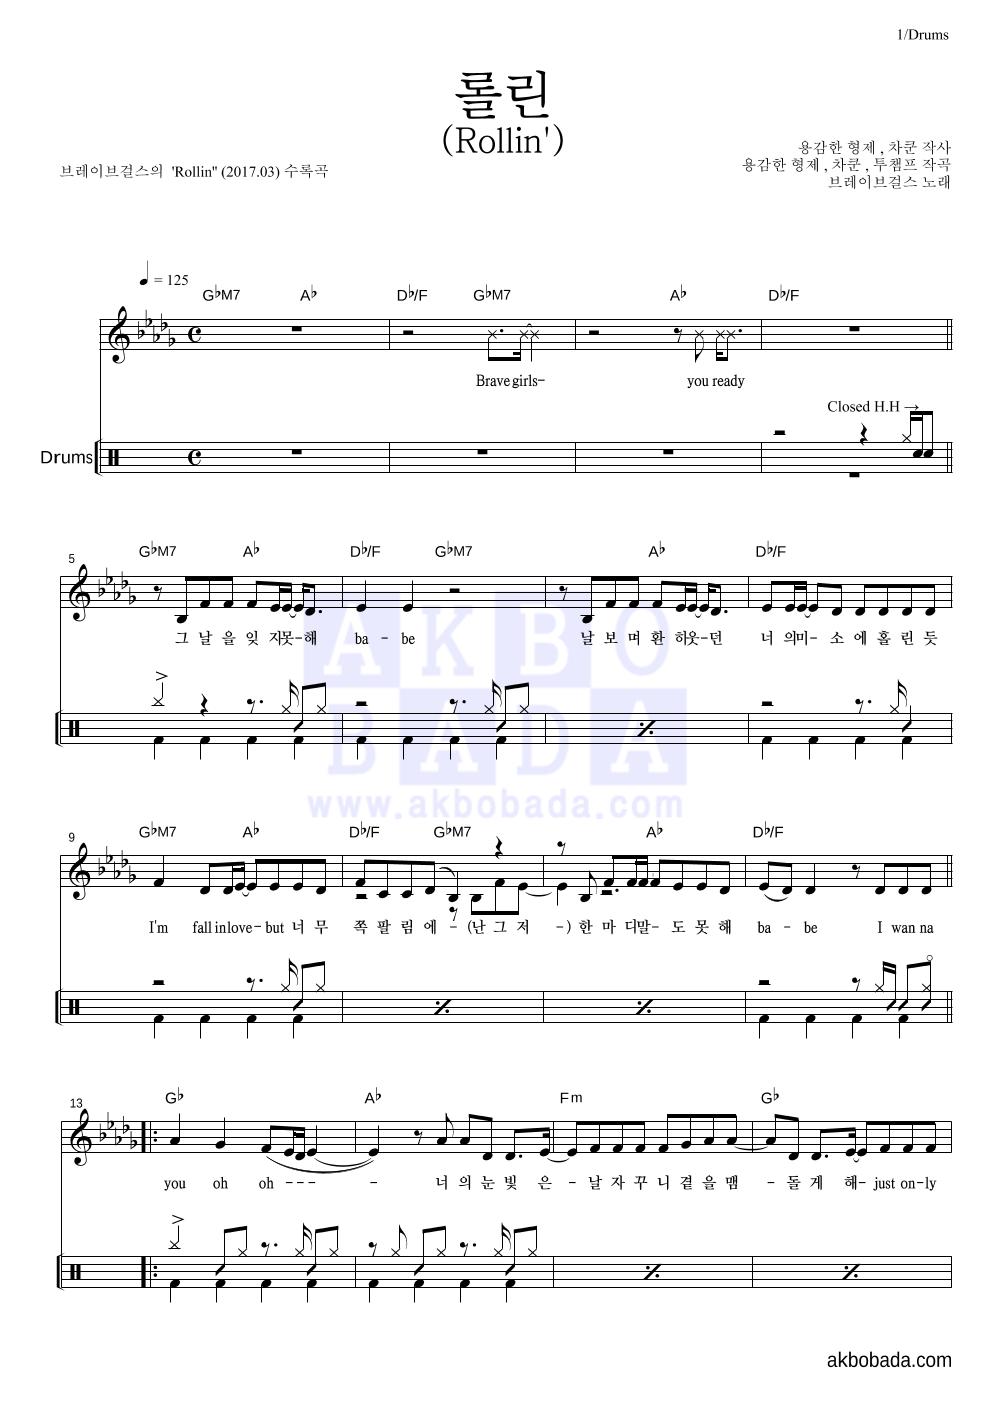 브레이브 걸스 - 롤린 (Rollin') 드럼 악보